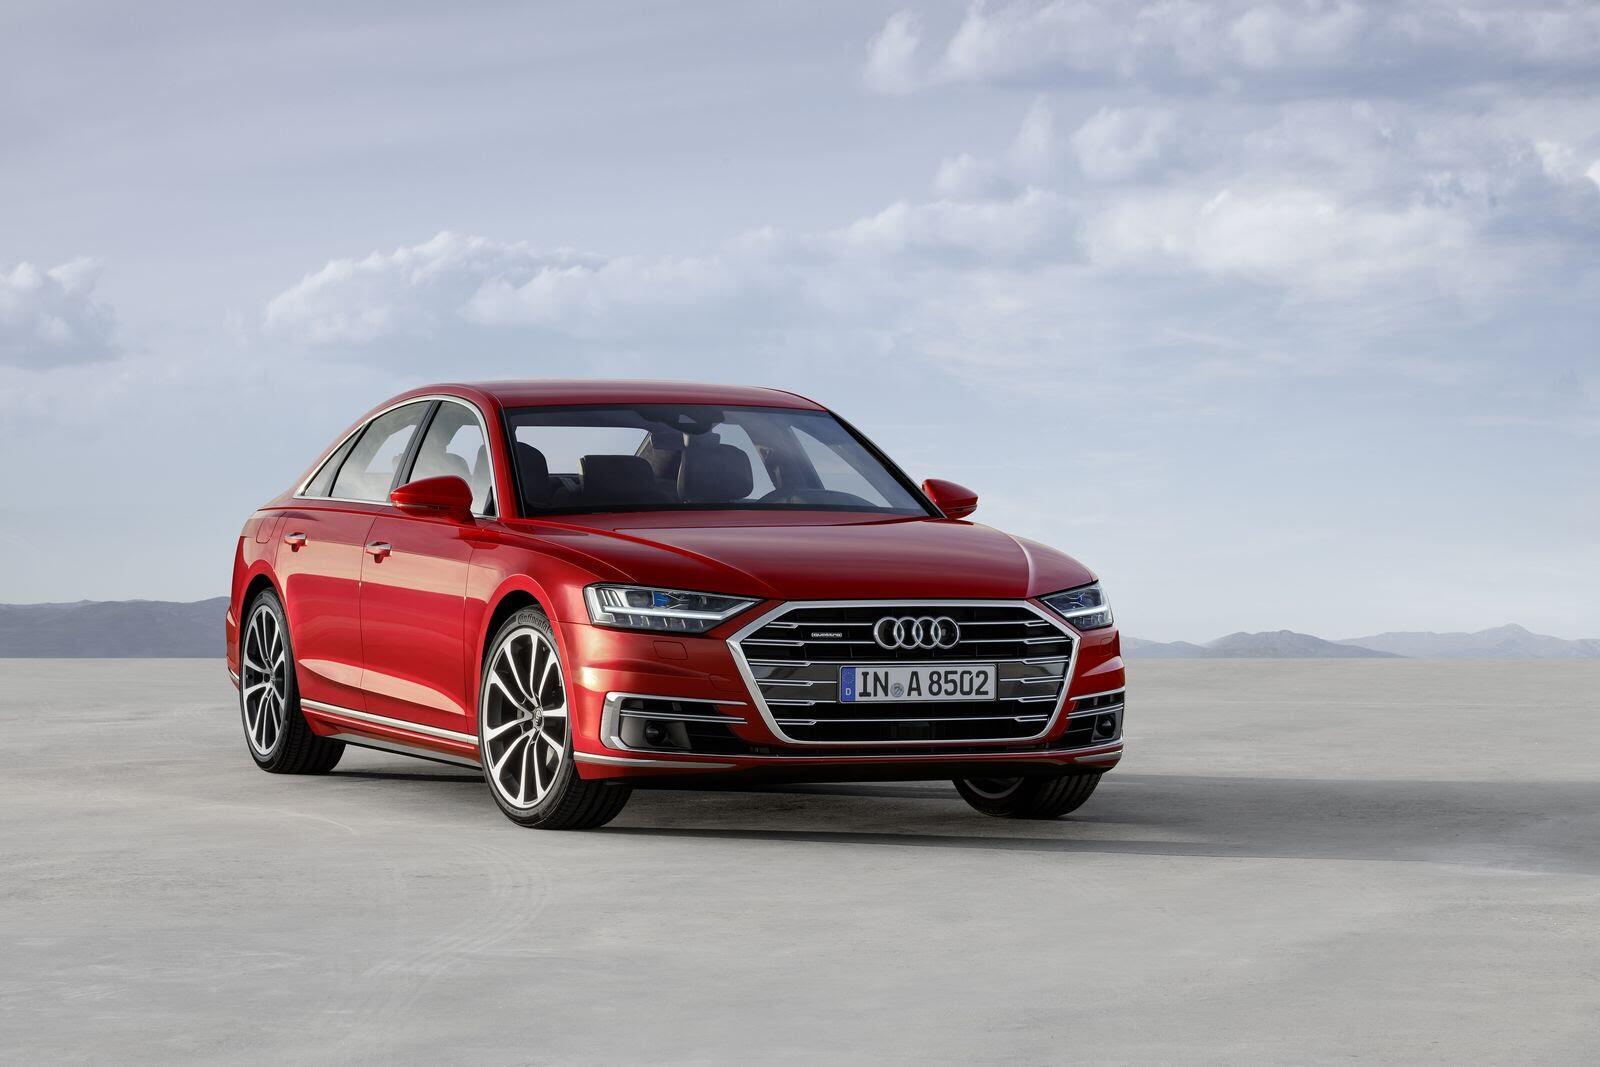 Audi A8 hoàn toàn mới chính thức ra mắt với đầy ắp công nghệ - Hình 23